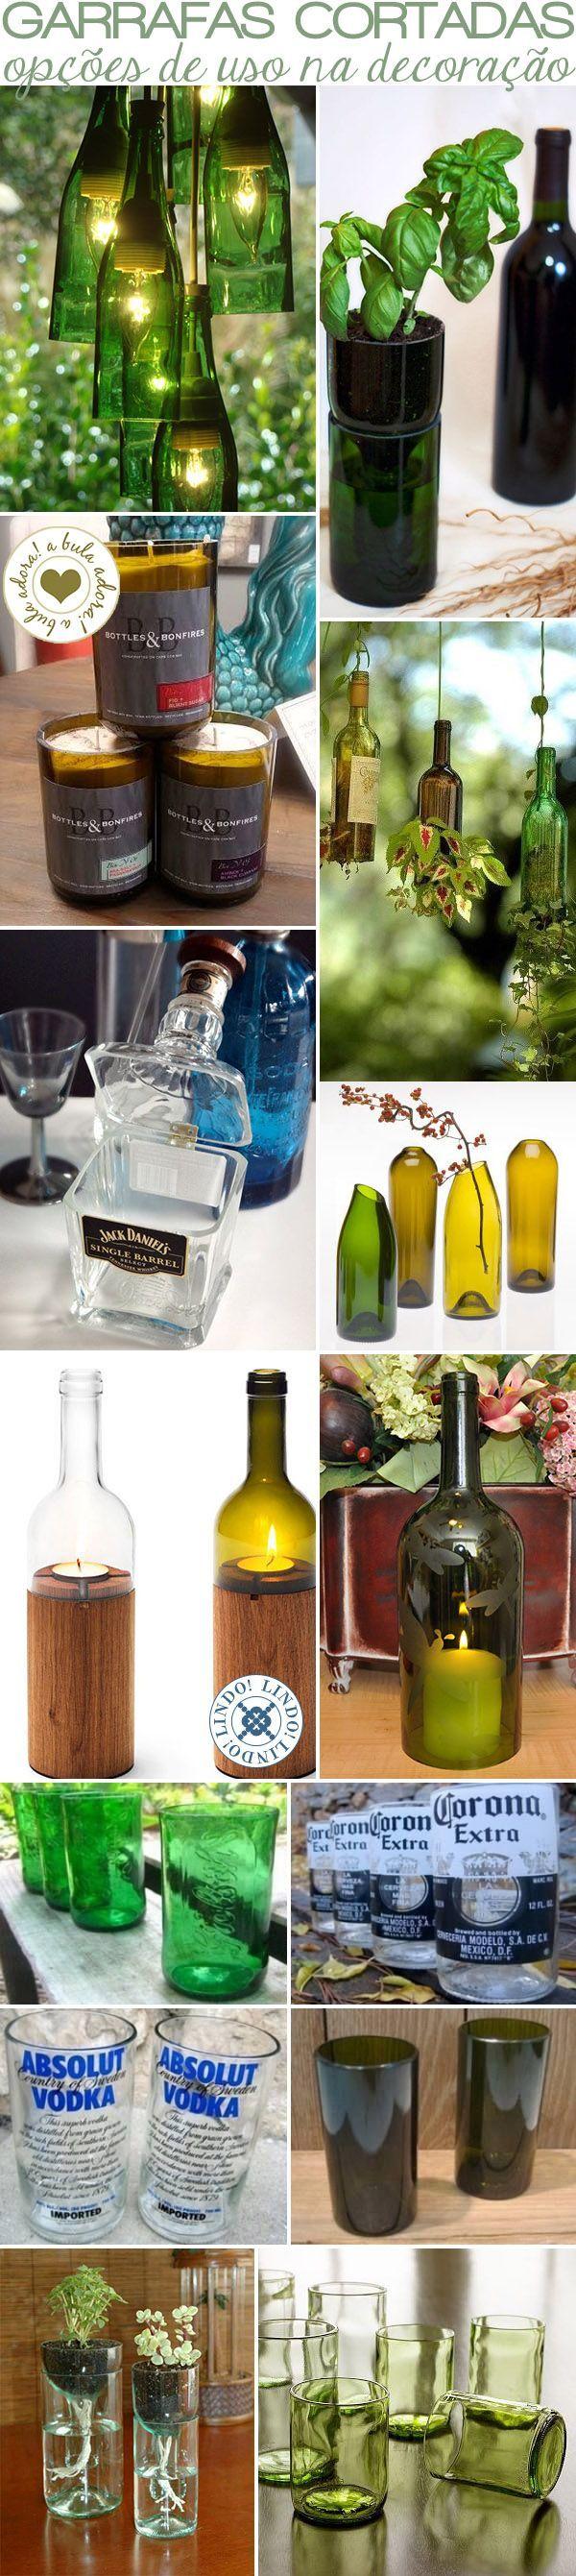 decoração sustentável: uso de garrafas cortadas para fazer copos, reutilizá-las penduradas iluminando e acrescentando beleza aos ambientes das mais variadas maneiras... Use a criatividade e reutilize... recicle...transforme.... Podemos ajudar a tornar nosso mundo melhor... sempre!